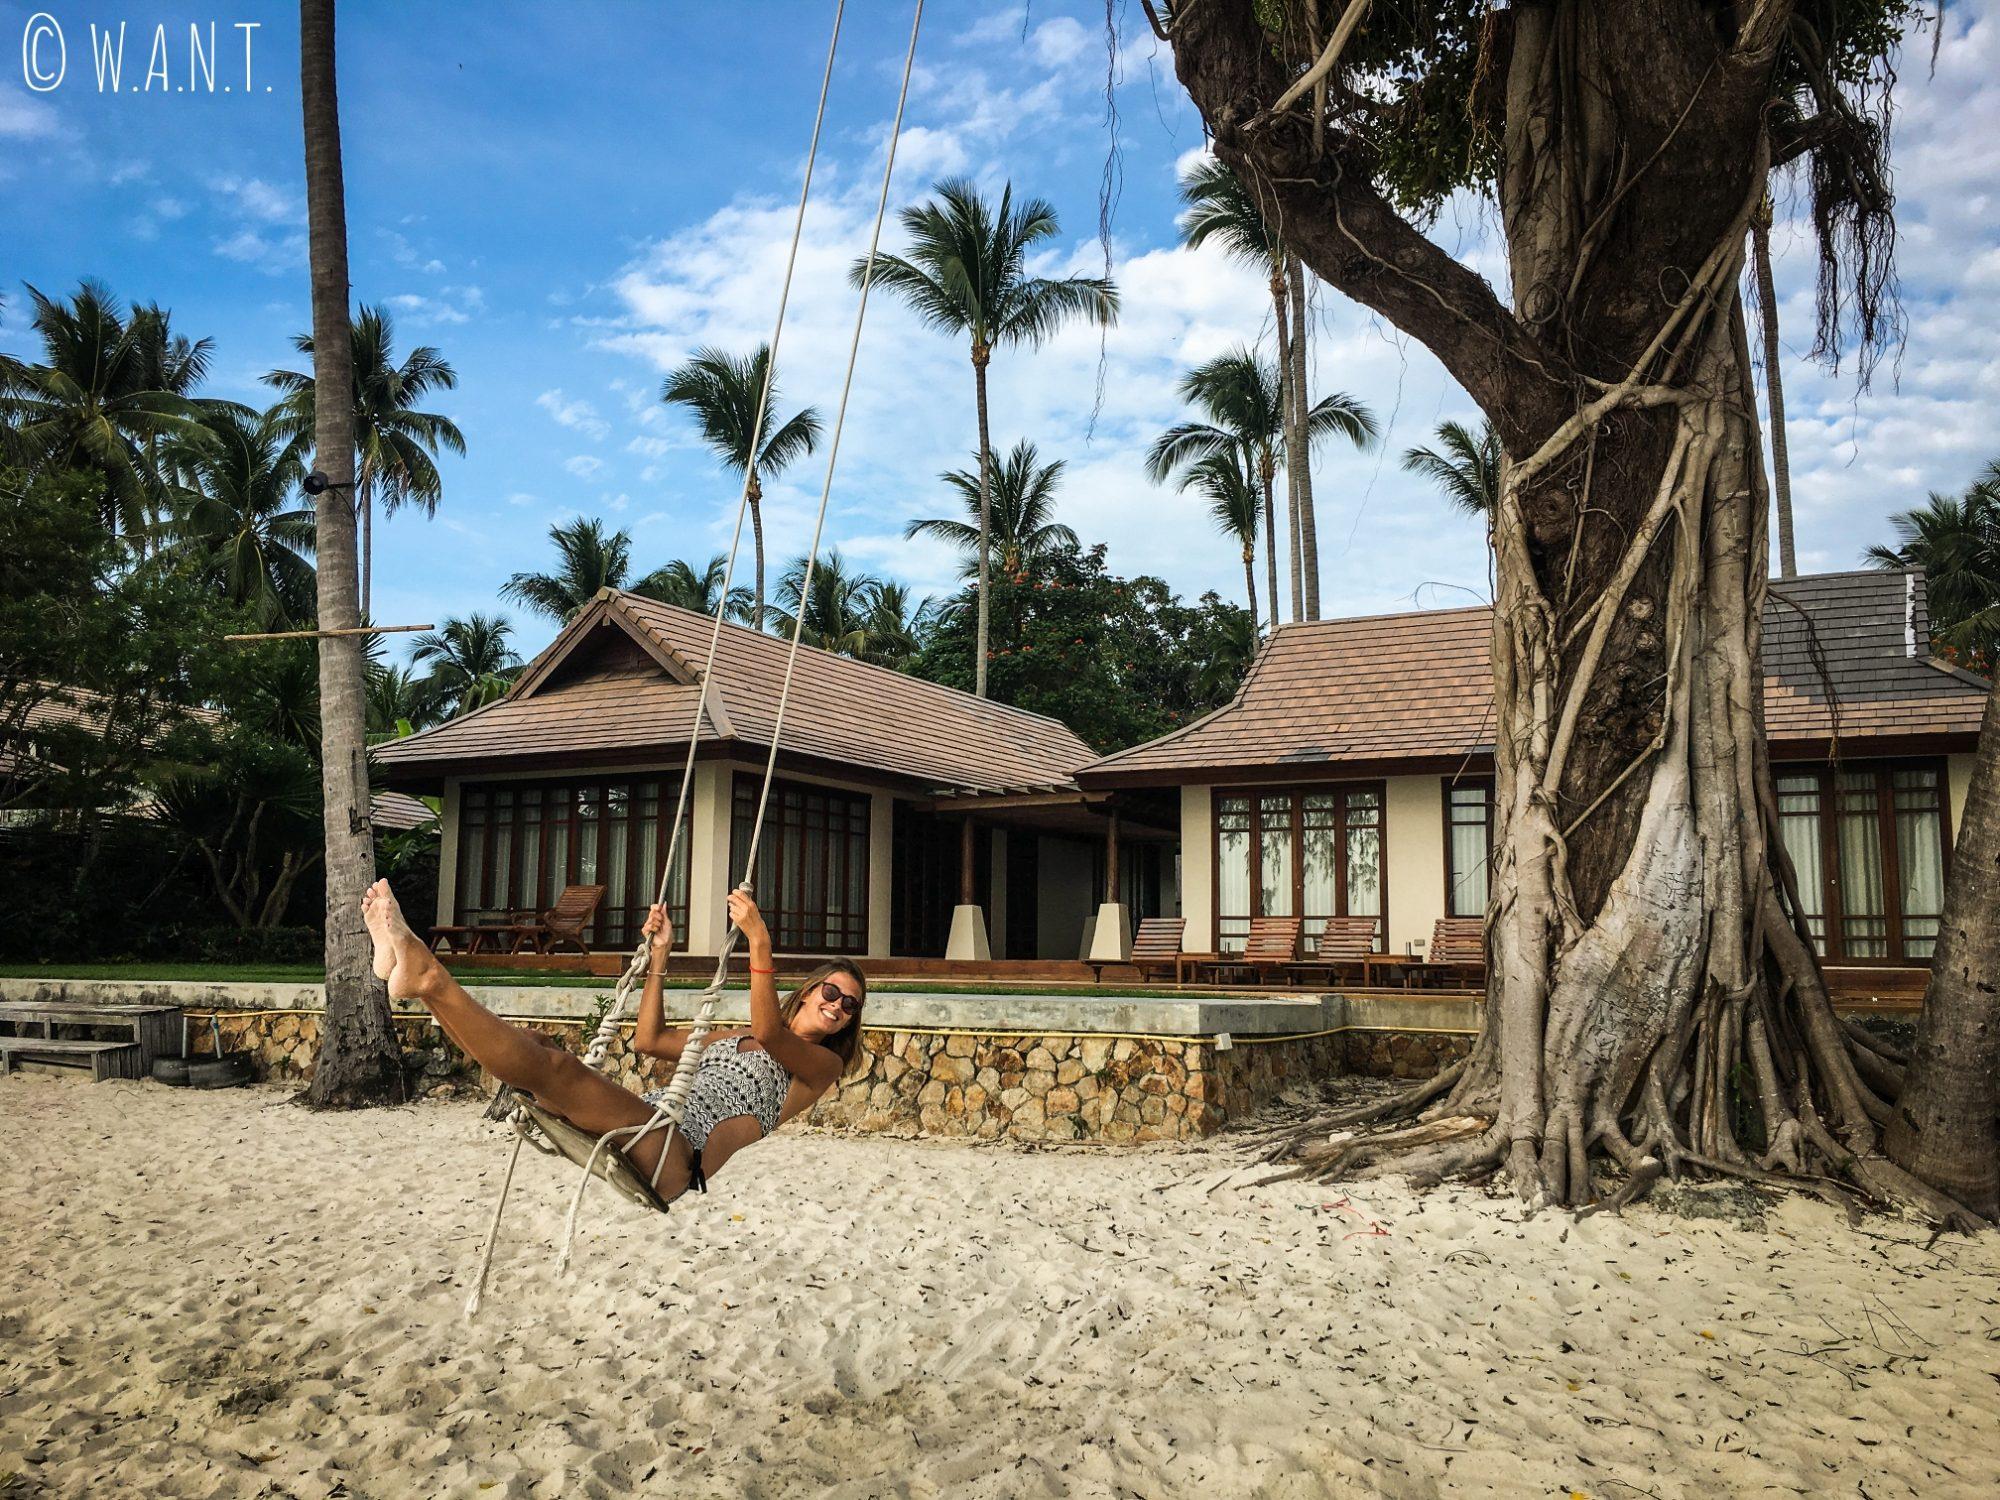 Marion et sa balançoire sur la plage de Lipa Noi à Koh Samui